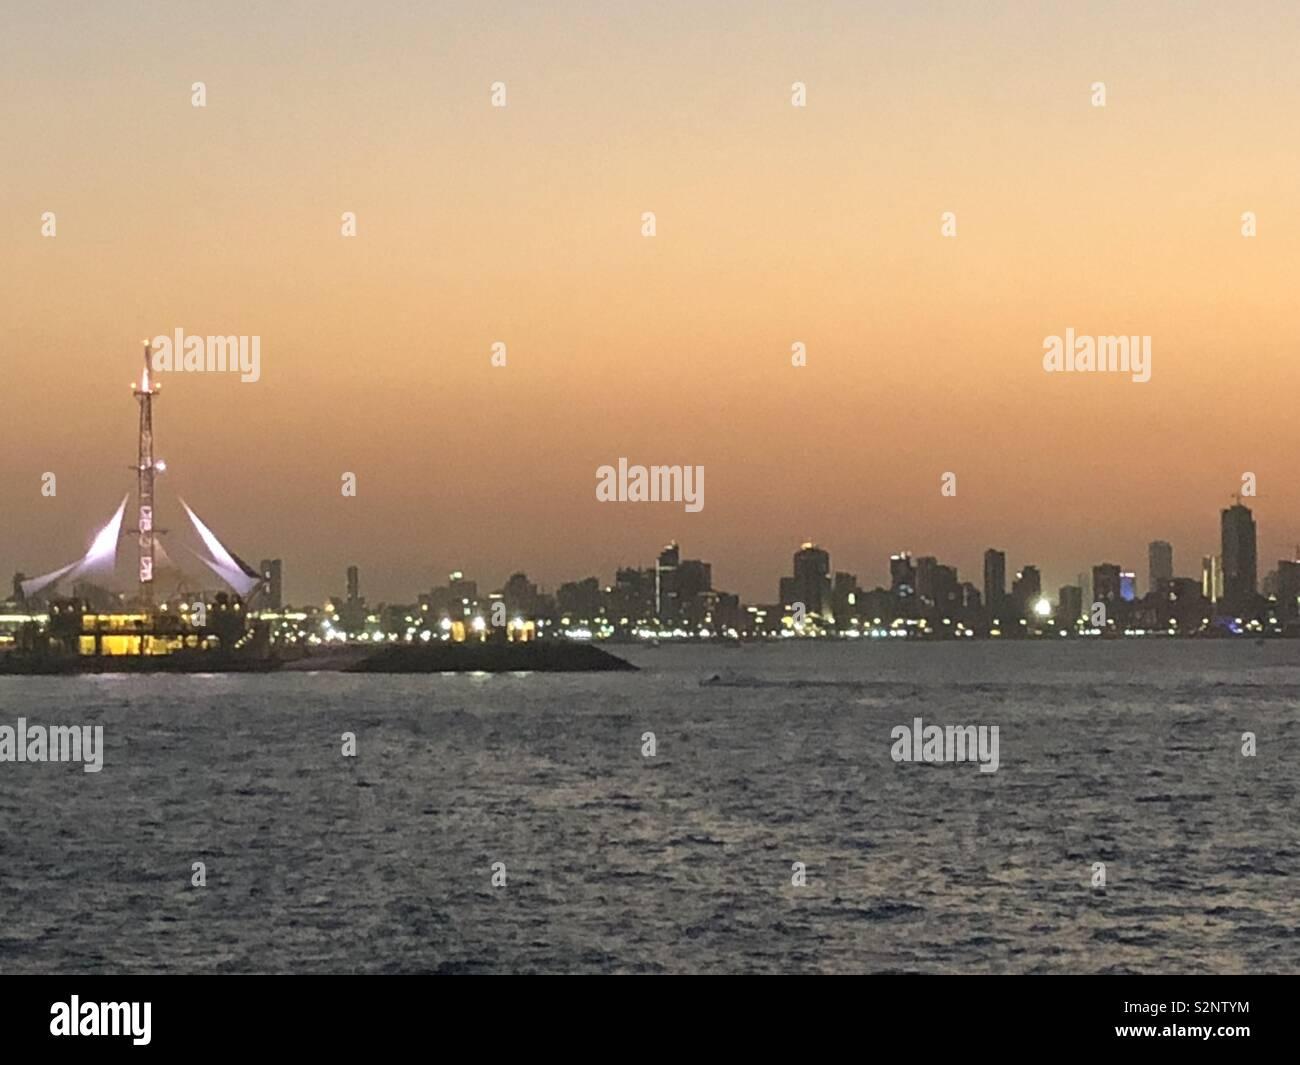 Salmya kuwait - Stock Image